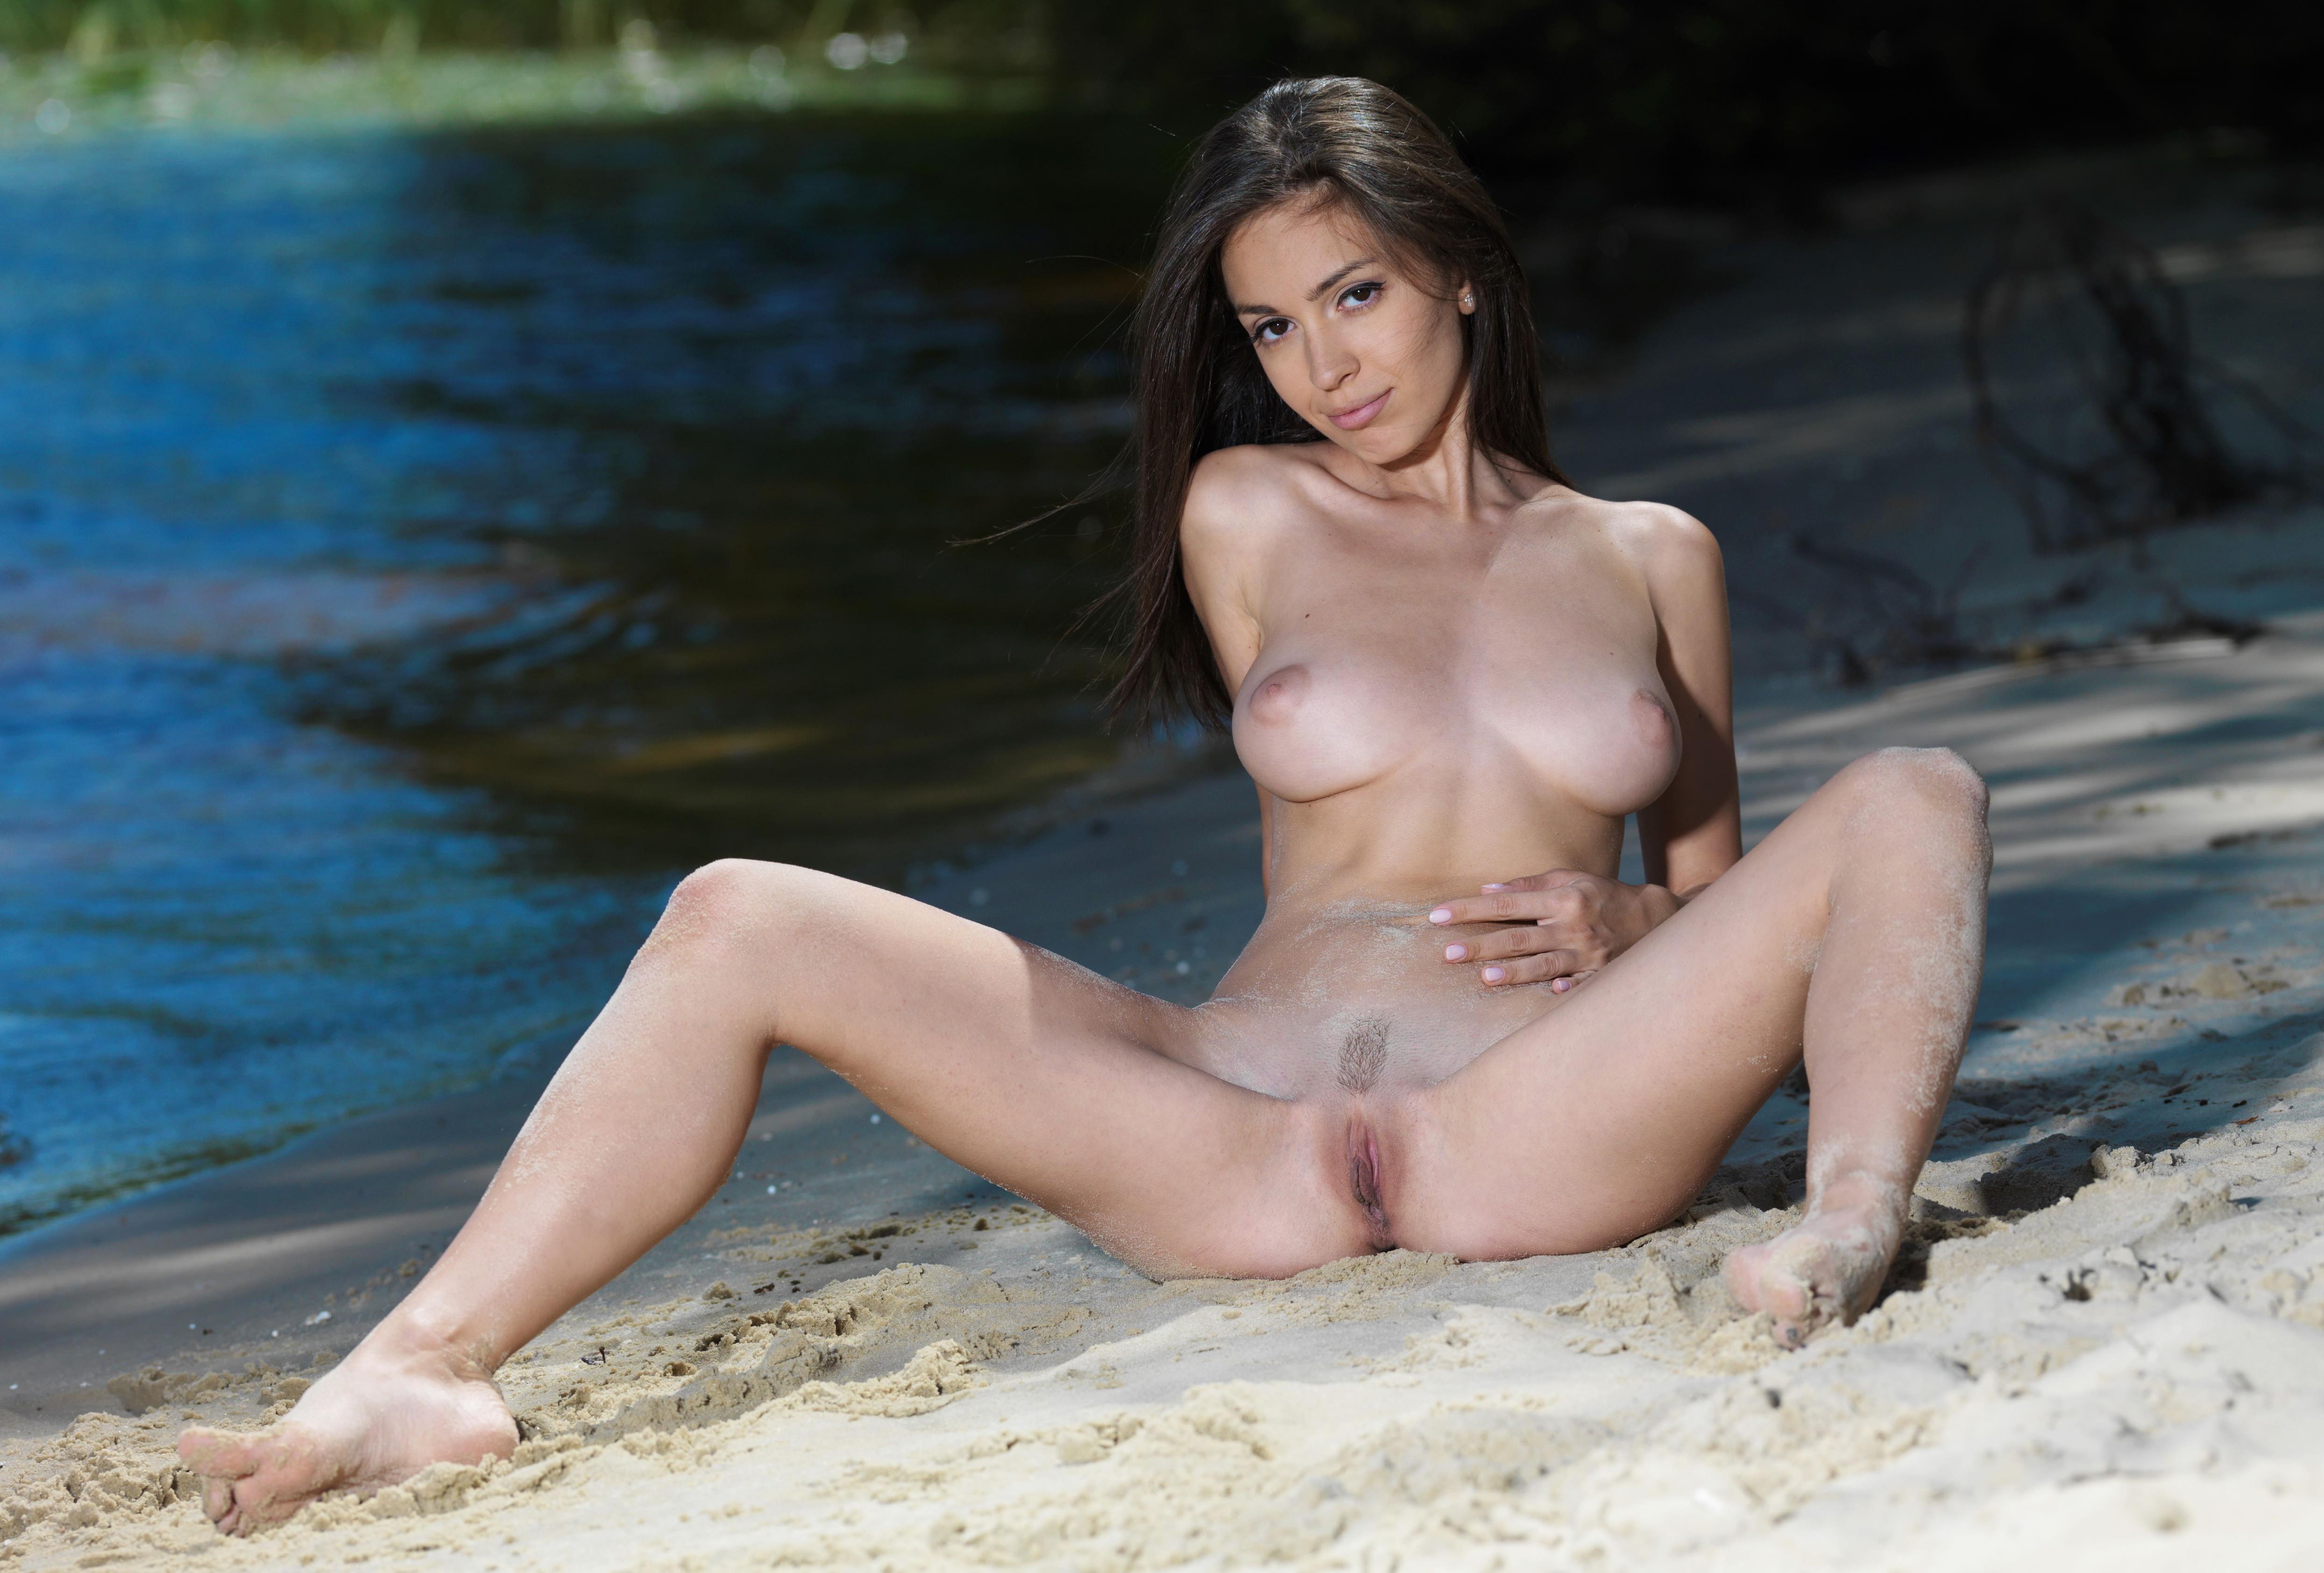 Фото Обнаженная соблазнительная брюнетка ласкает животик на песке, раздвинула ноги у озера, скачать картинку бесплатно